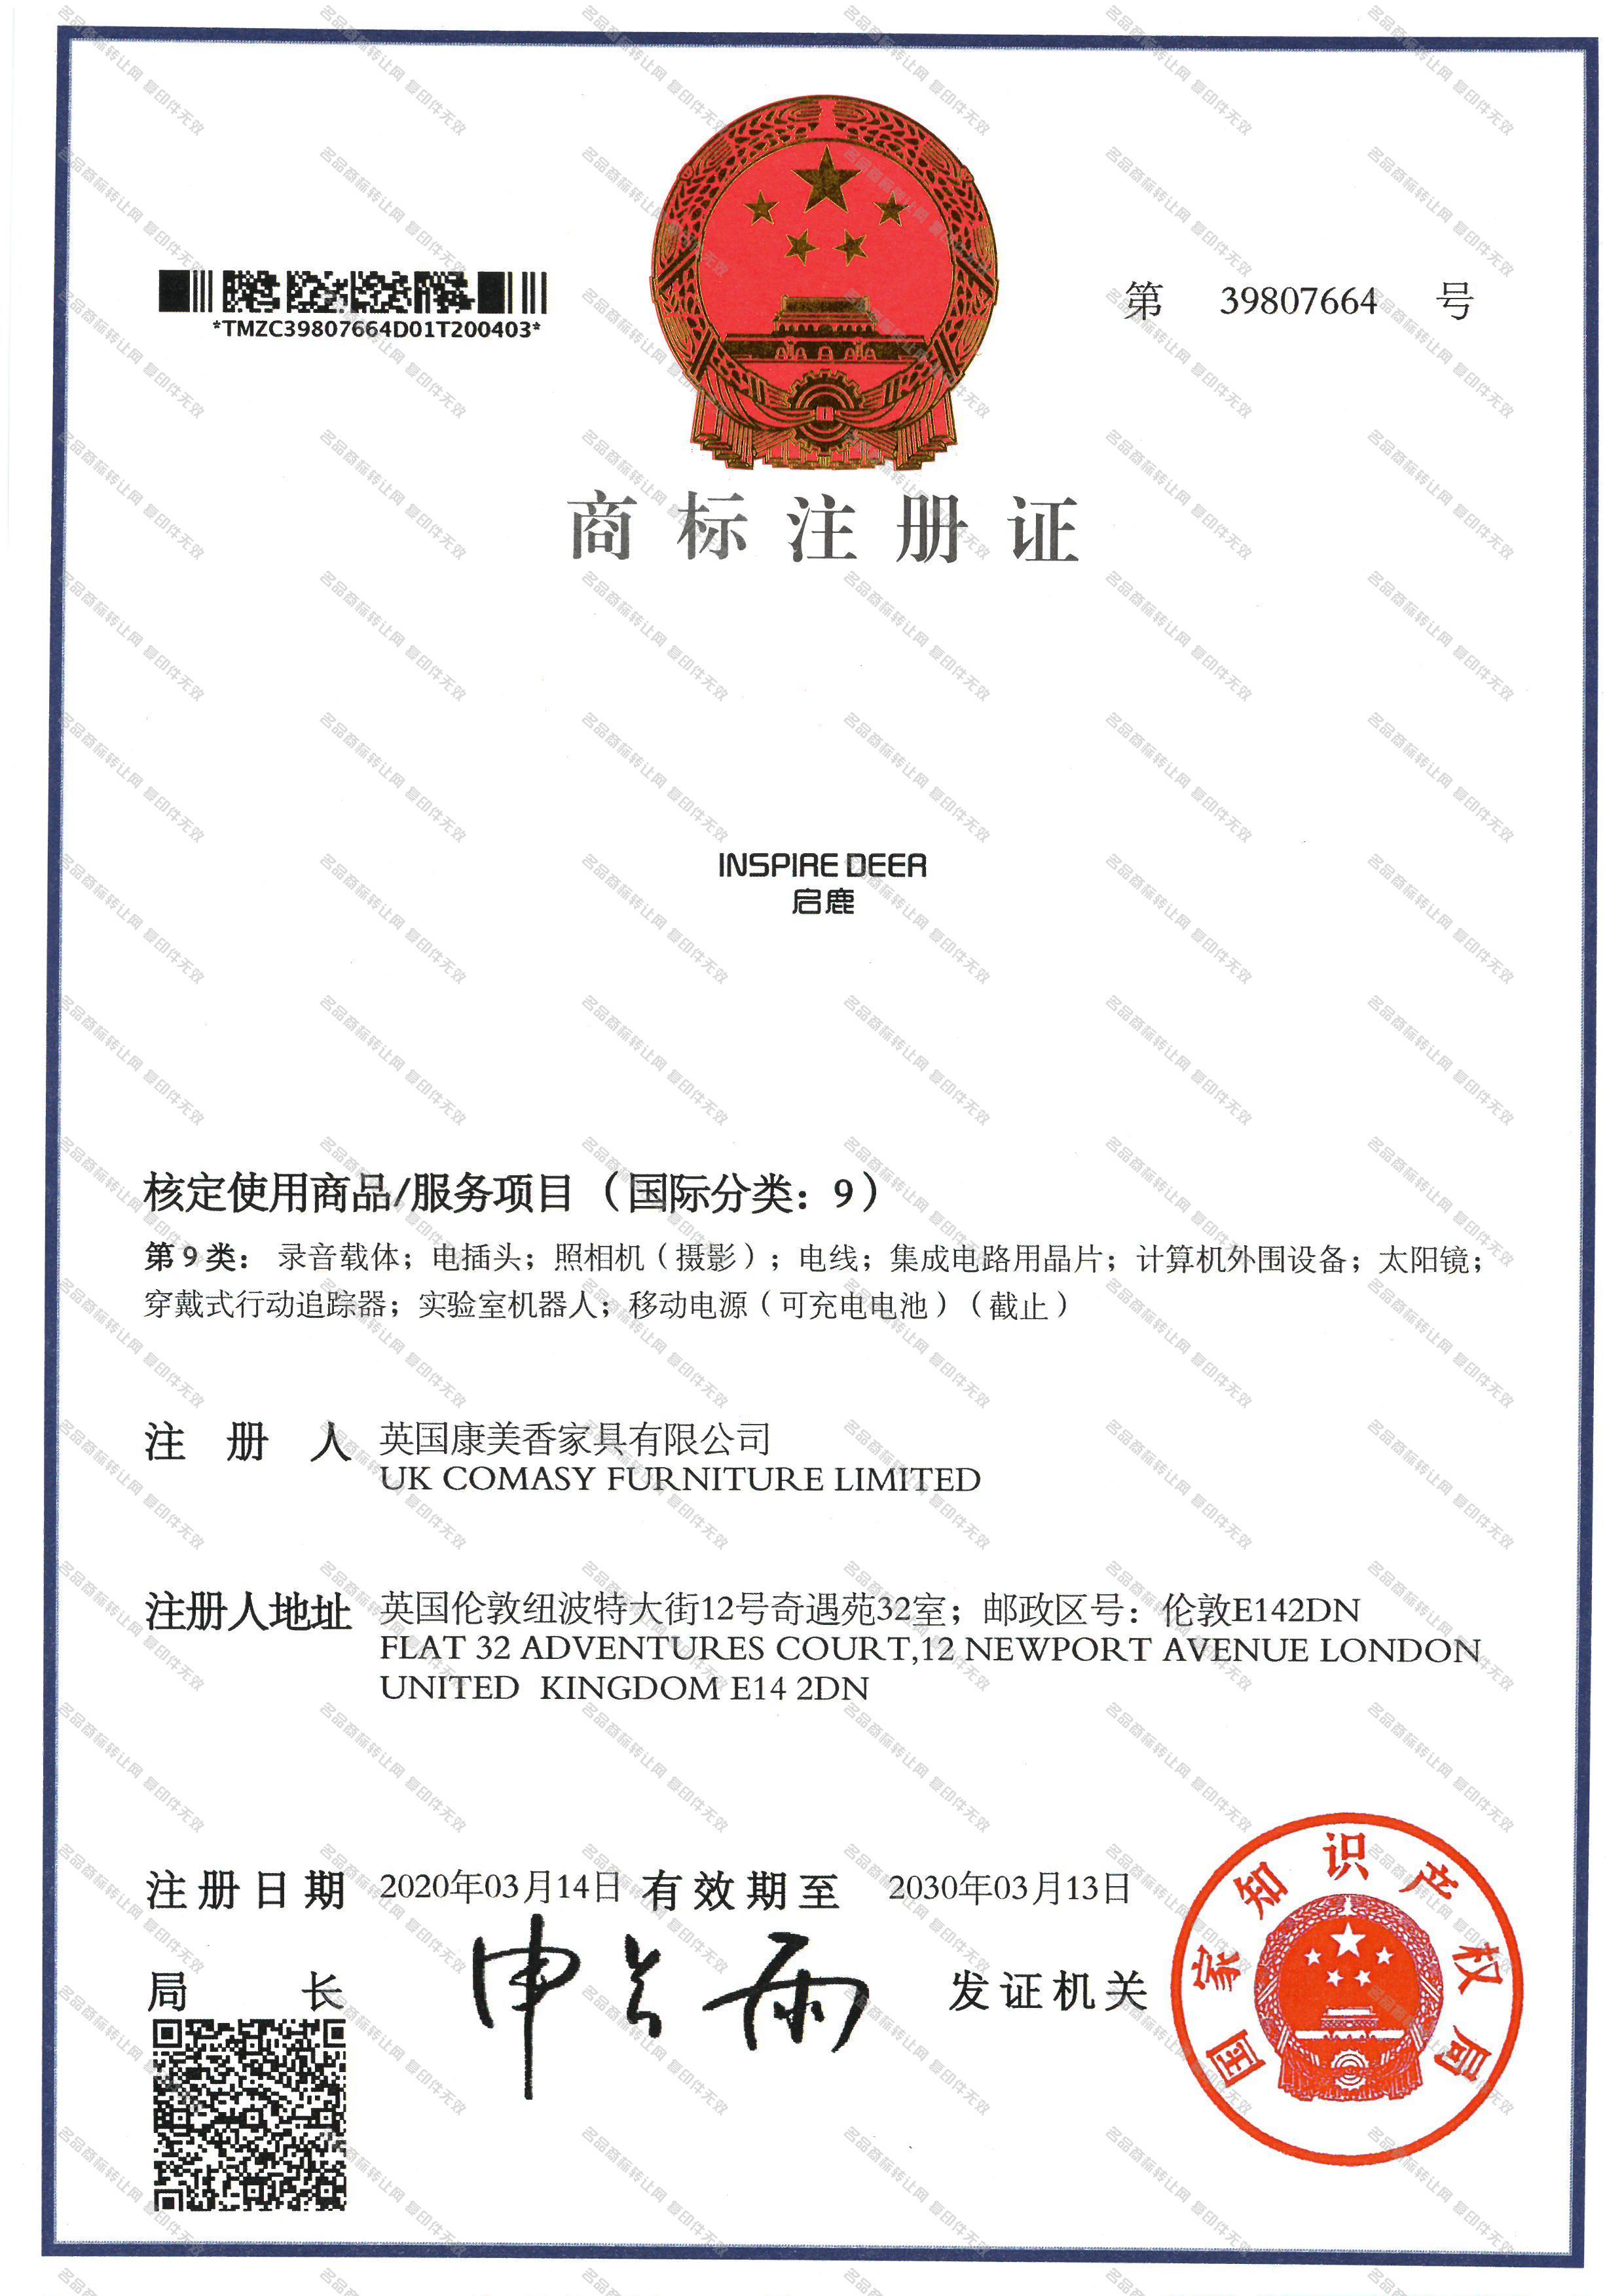 mp名品网_启鹿 INSPIRE DEER商标转让 - 第9类-电子电器- 名品商标转让网